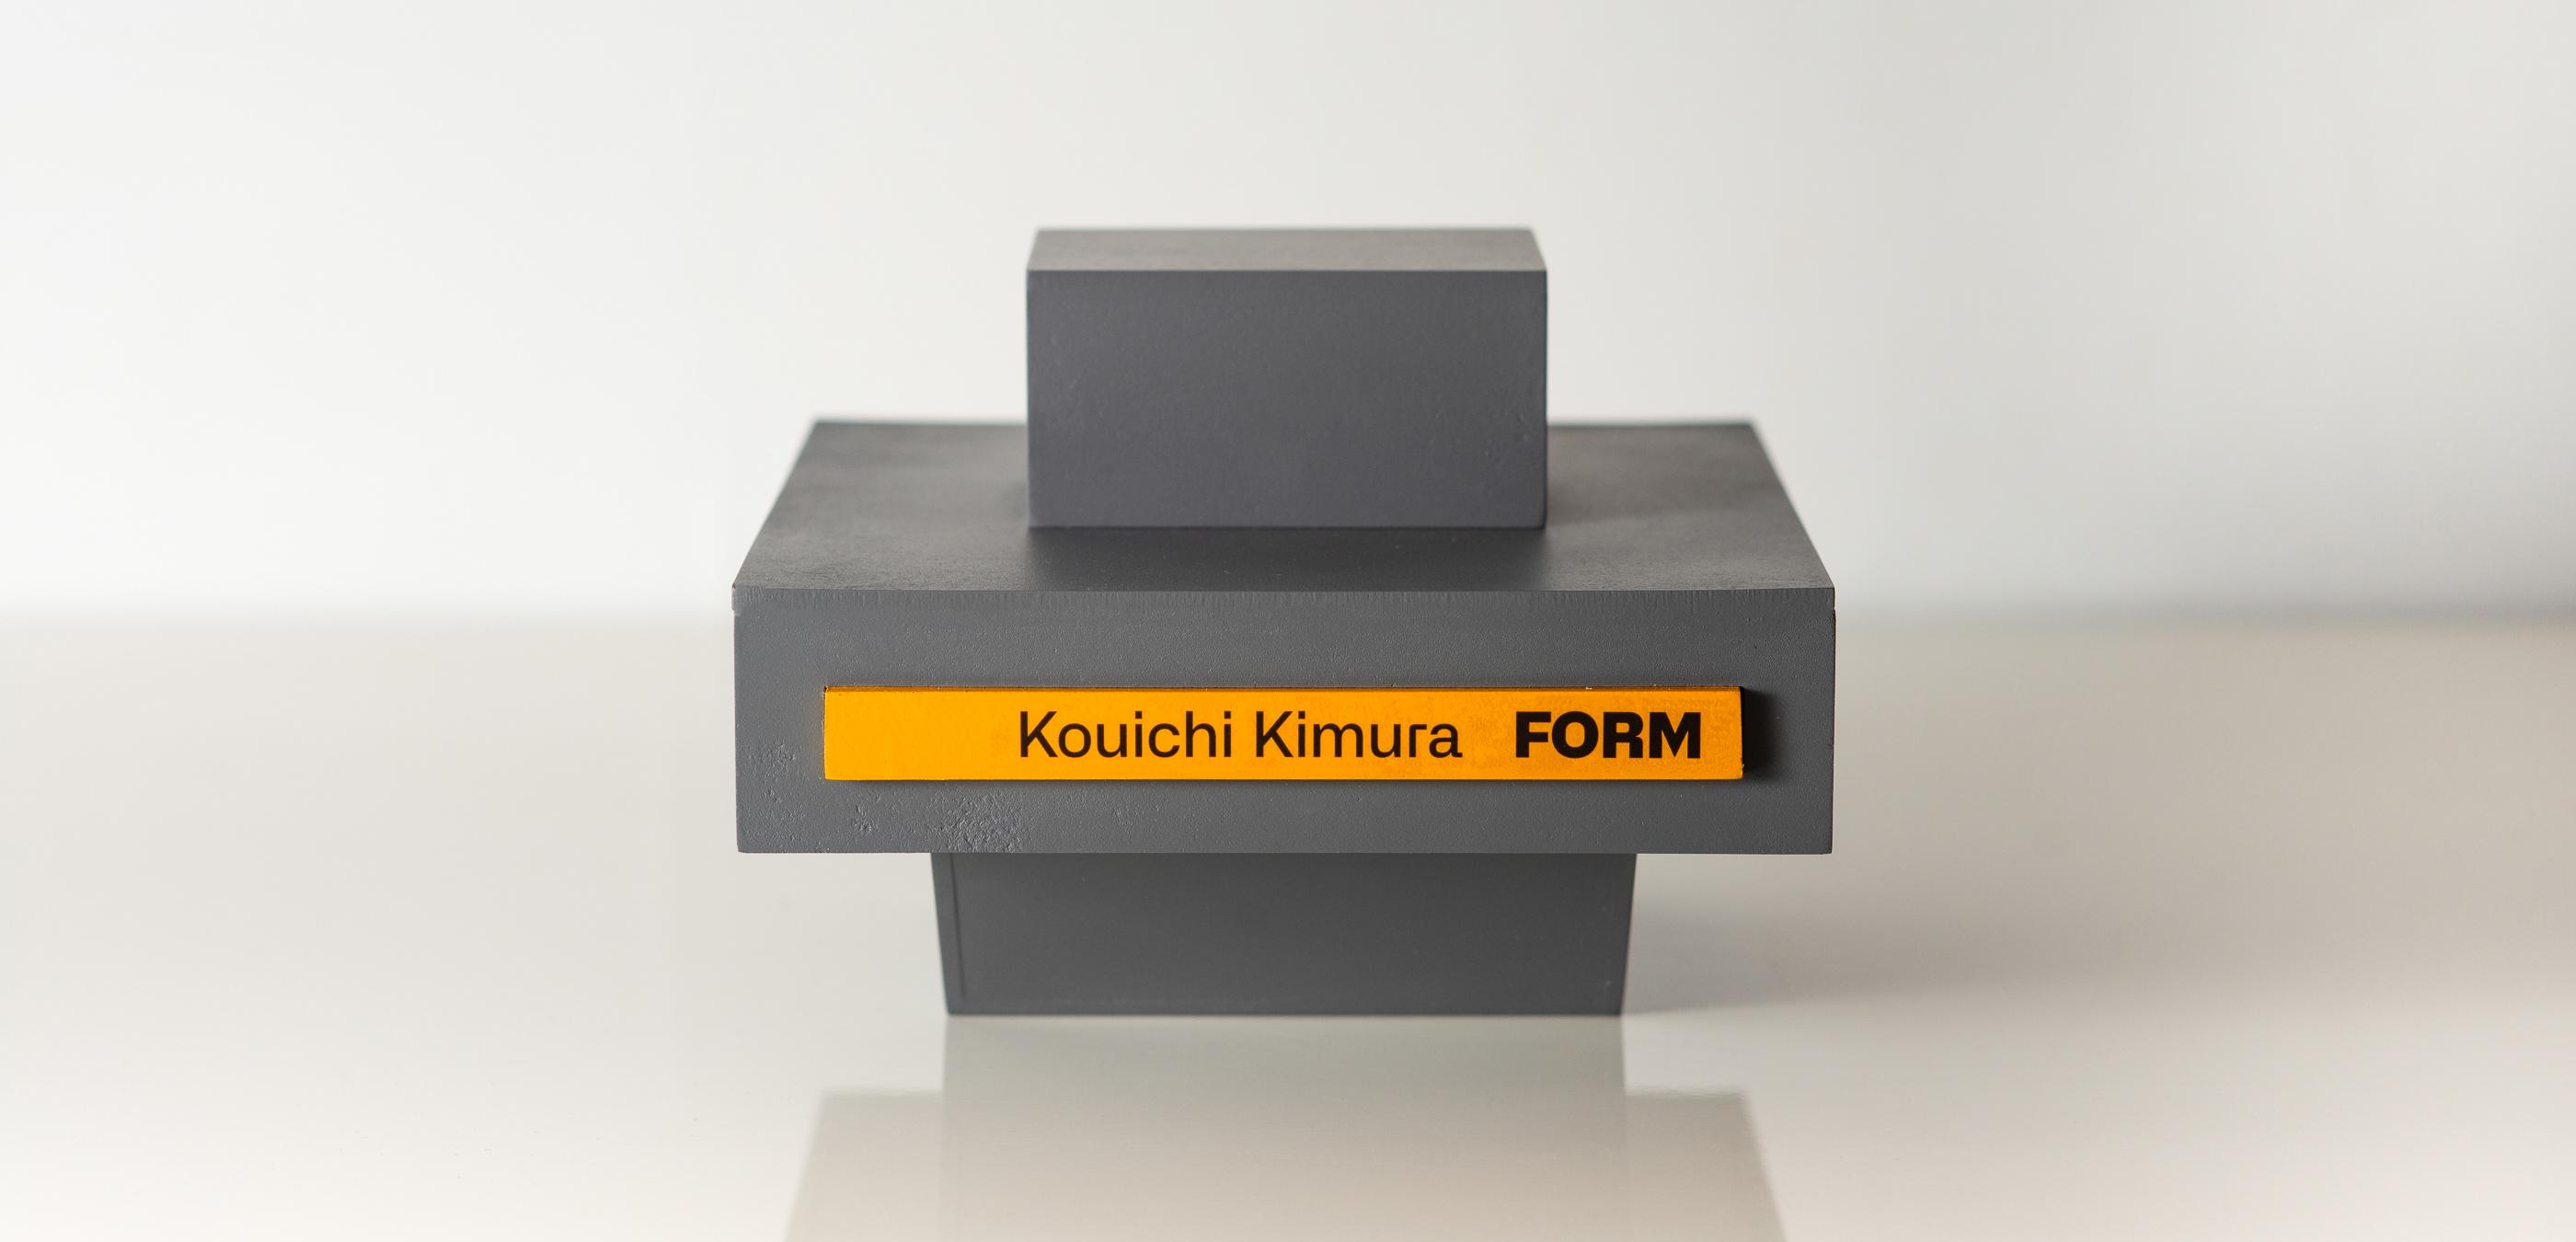 Kouichi Kimura Box Front View